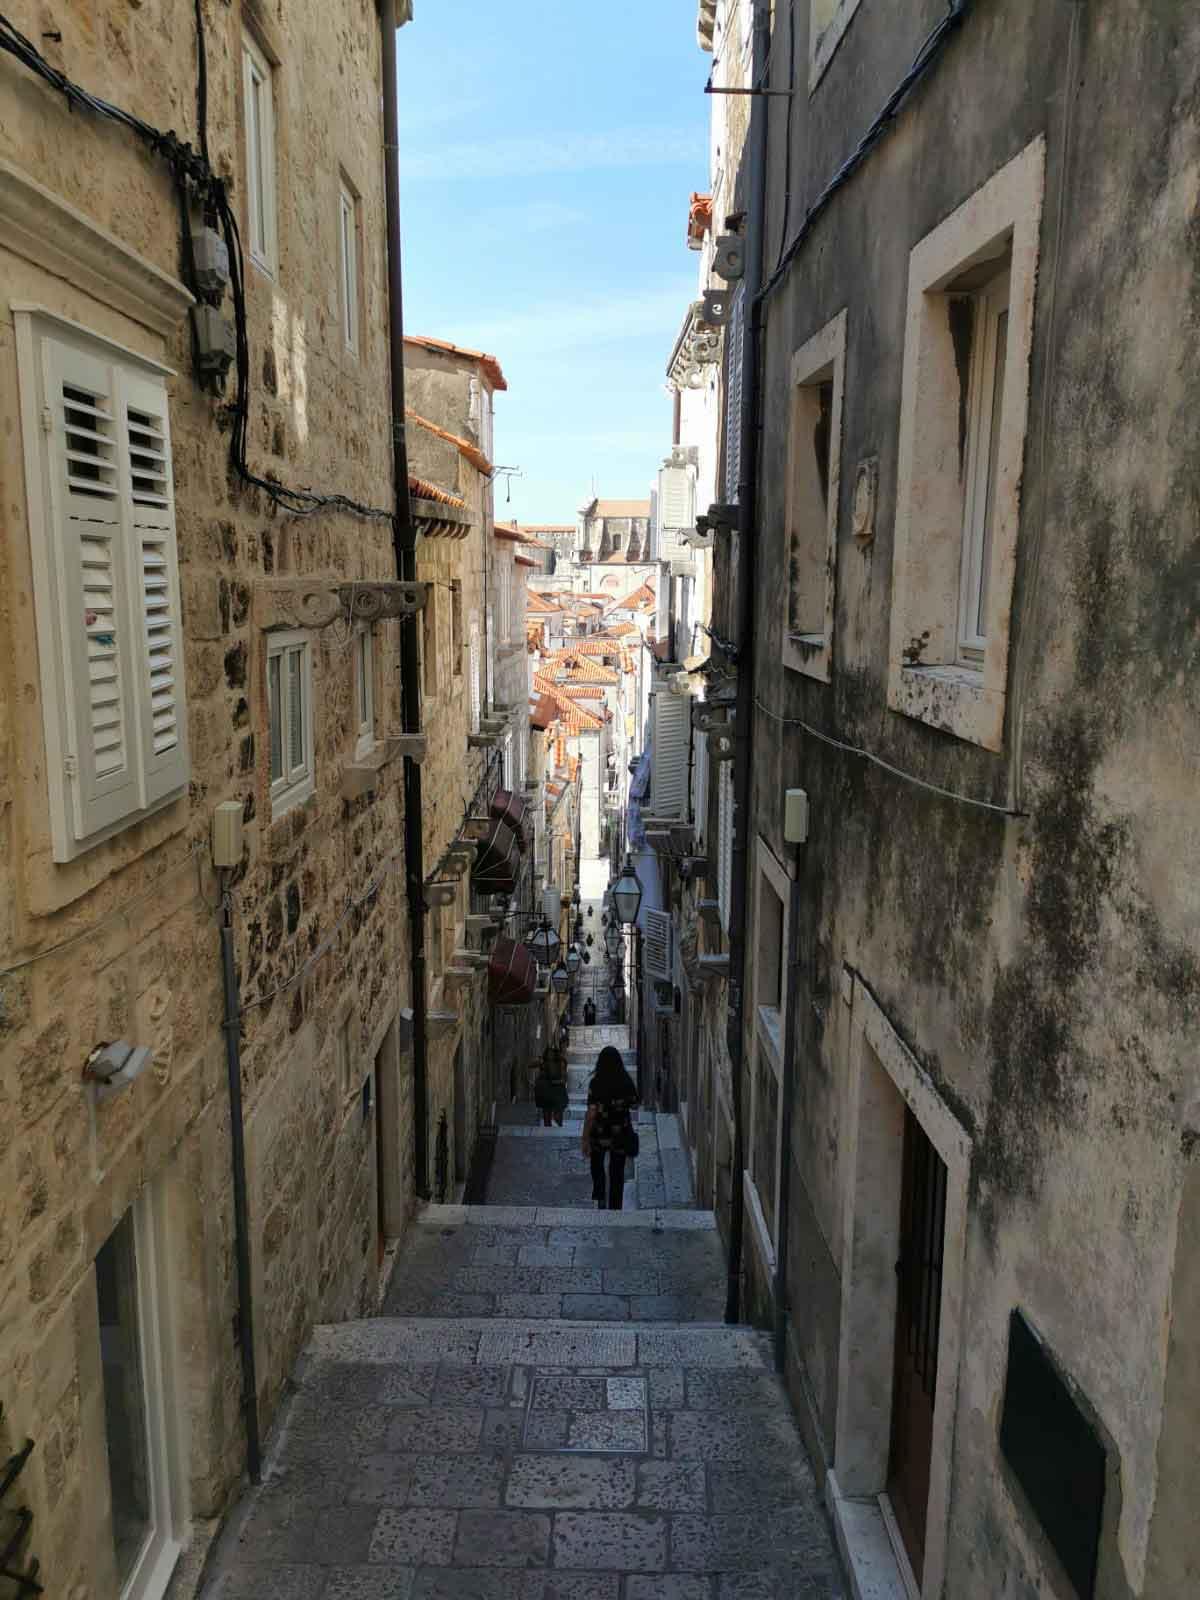 Enge Gassen prägen das mittelalterliche Stadtbild von Dubrovnik